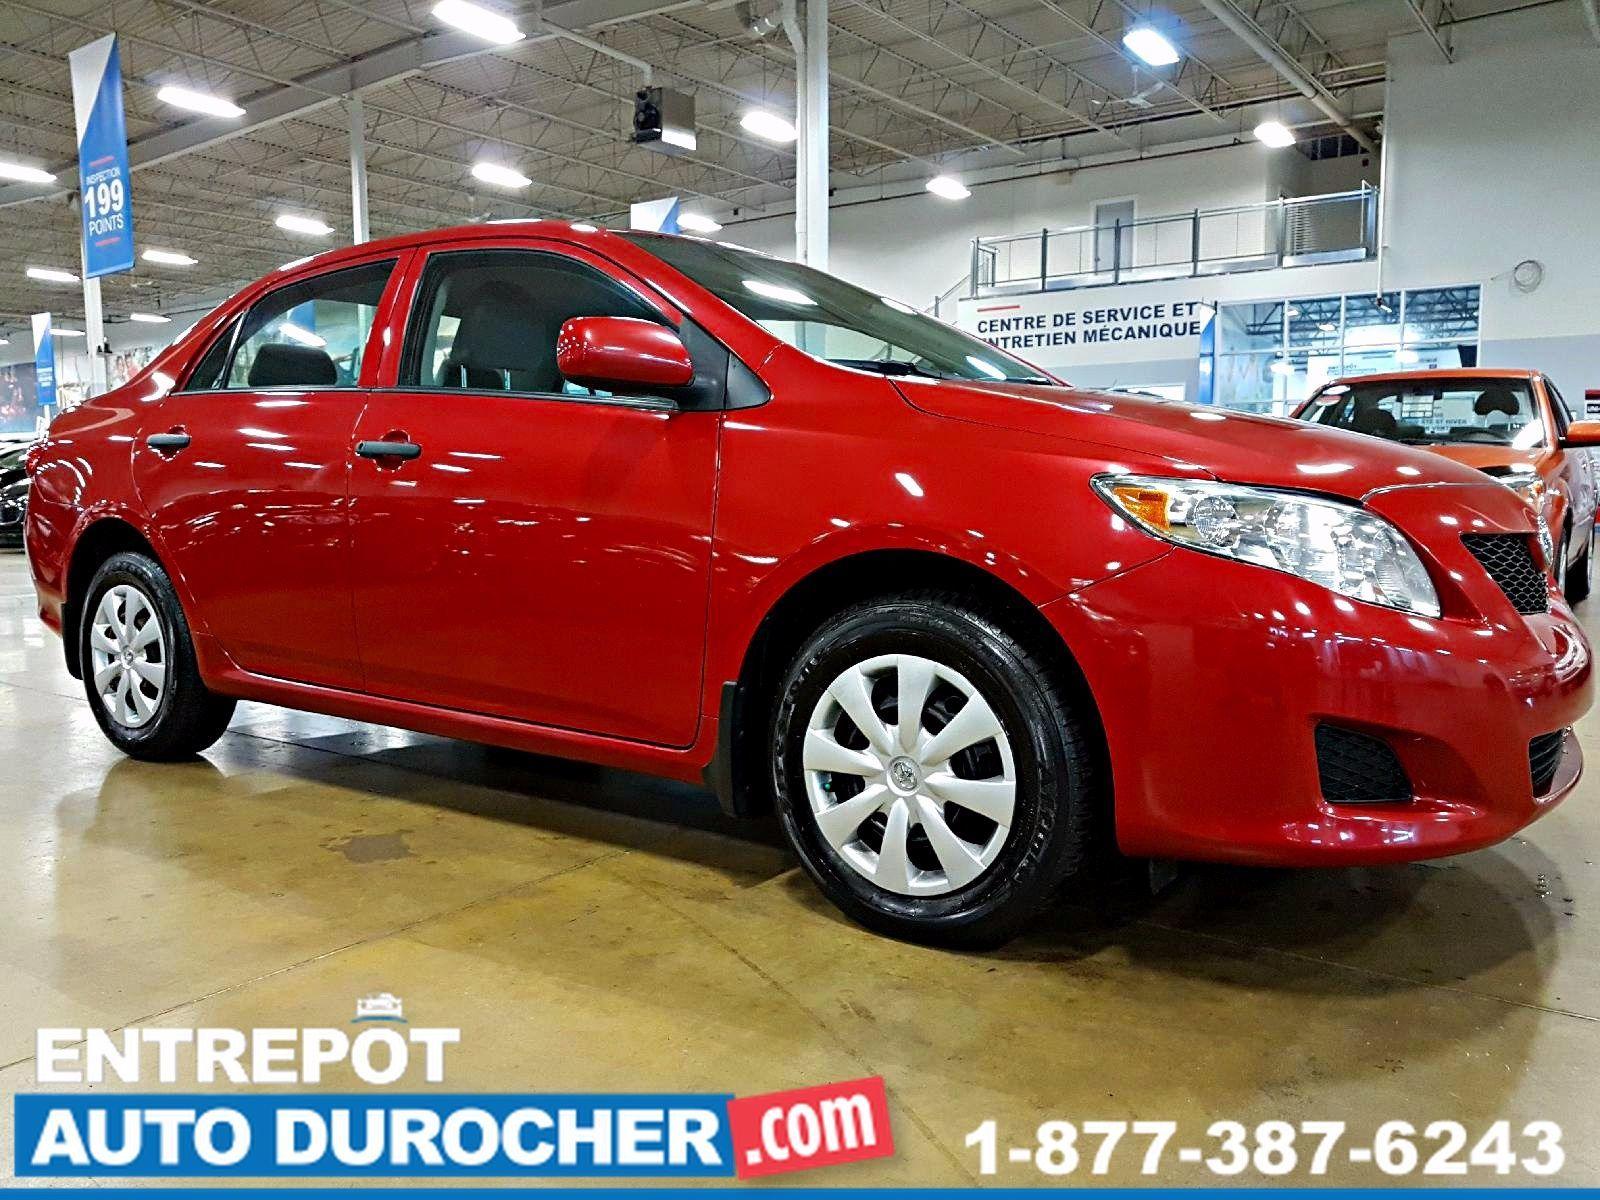 Toyota Corolla MIROIRS ÉLECTRIQUES 2010